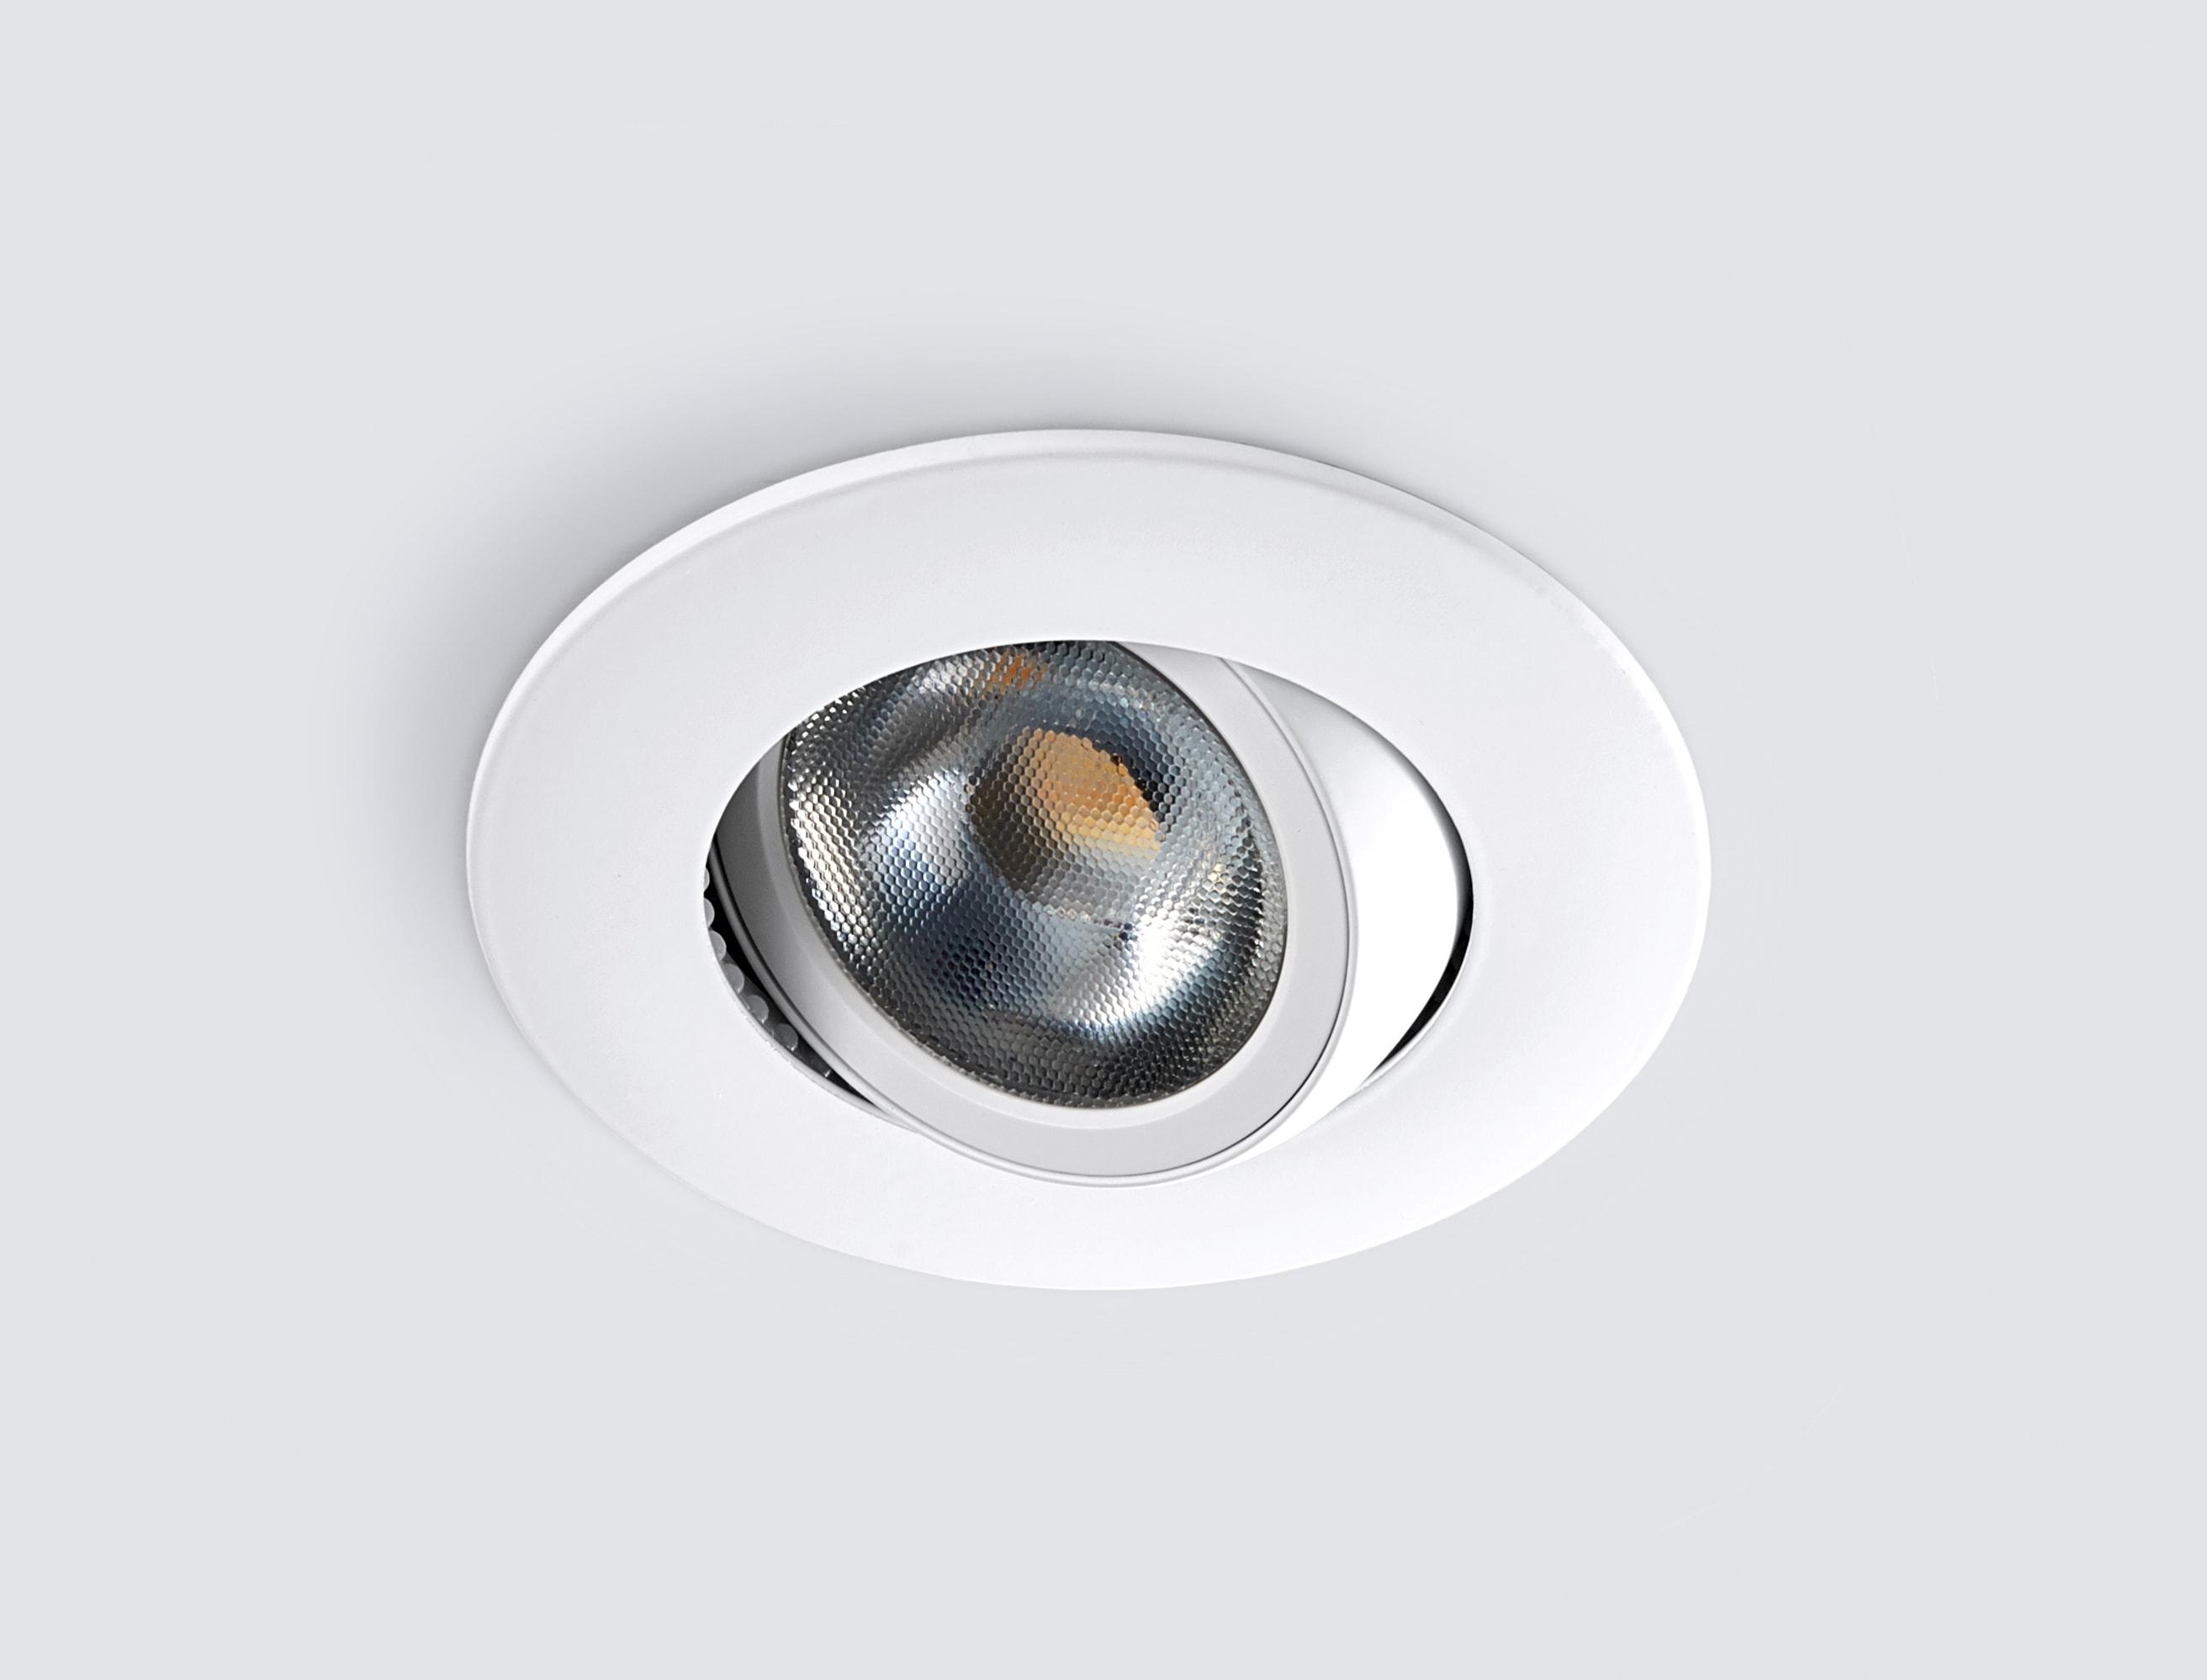 HEITRONIC LED Einbaustrahler DL8002, LED-Modul, 1 St., Warmweiß, Lichtfarbe einstellbar (warmweiß oder neutralweiß)